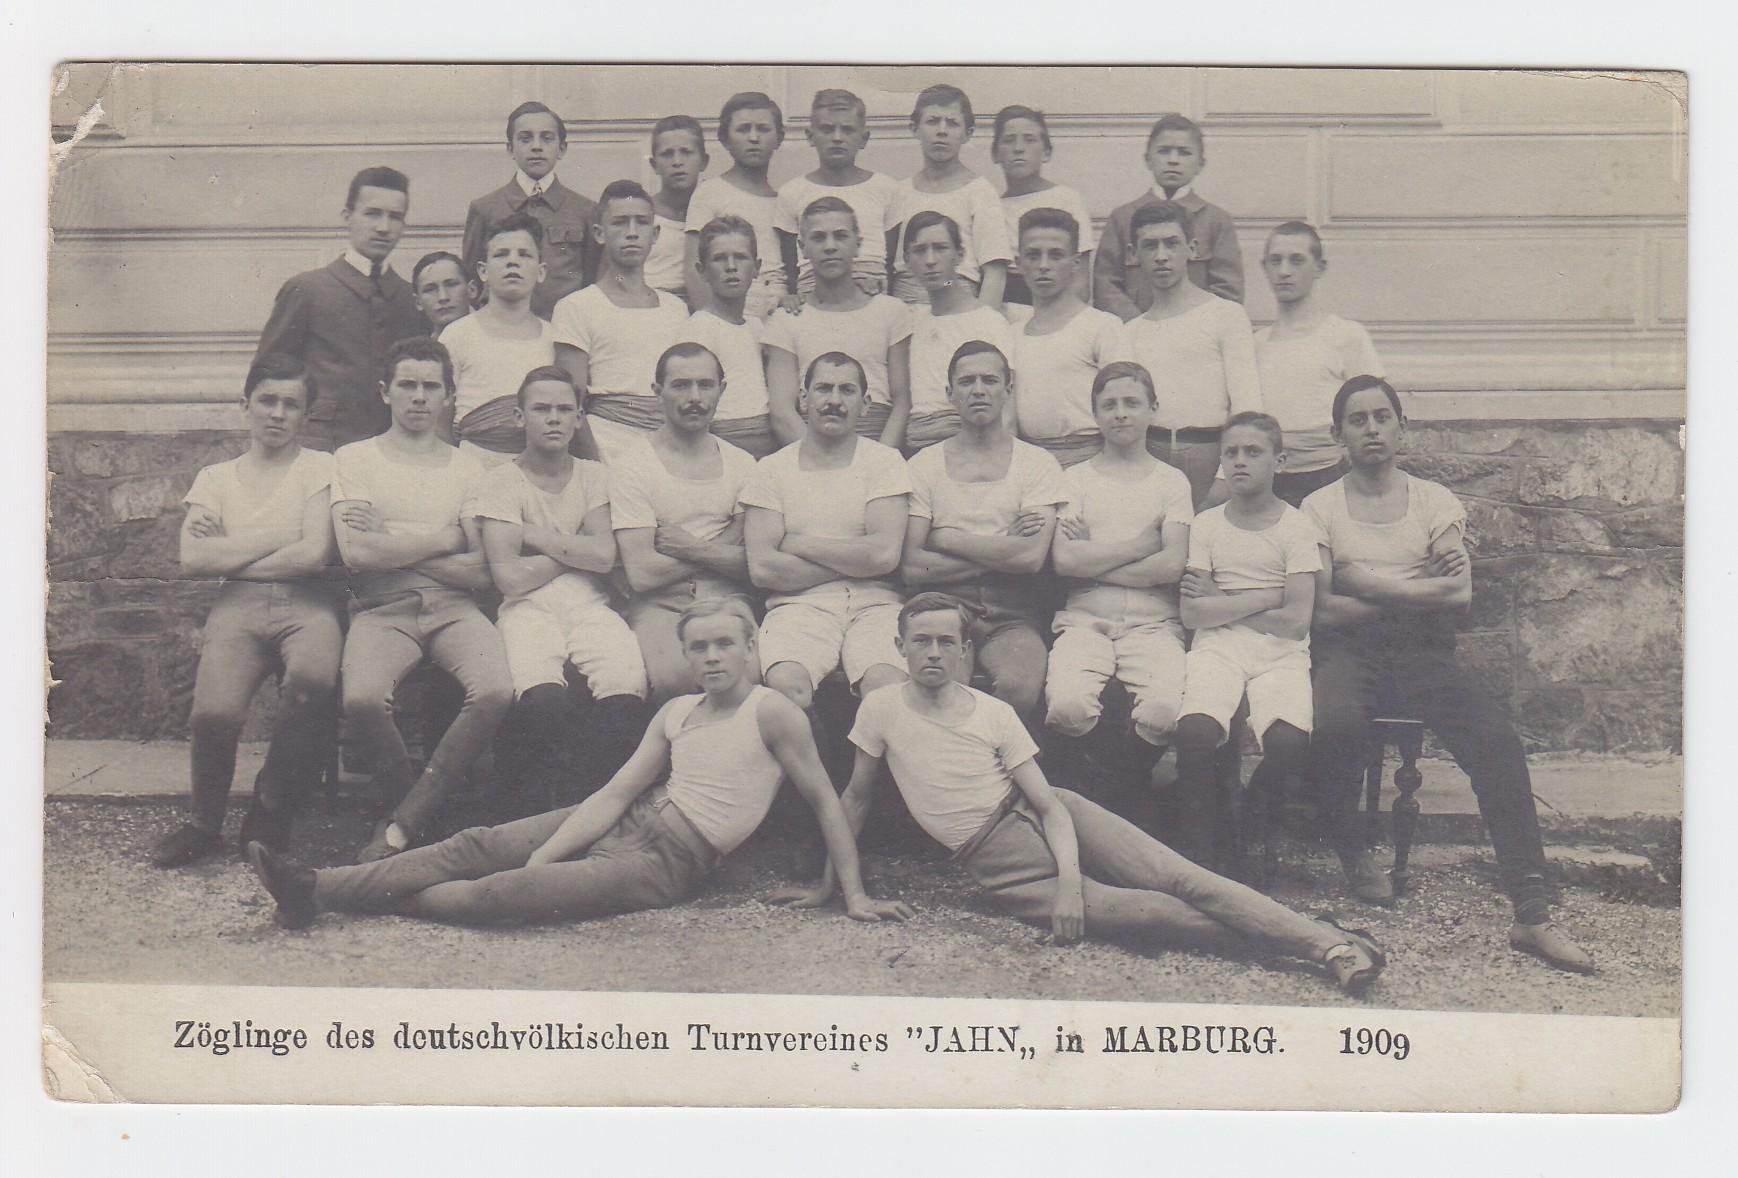 """Zöglinge des deutschvölkischen Turnvereins """"JAHN"""" in MARBURG. 1909."""